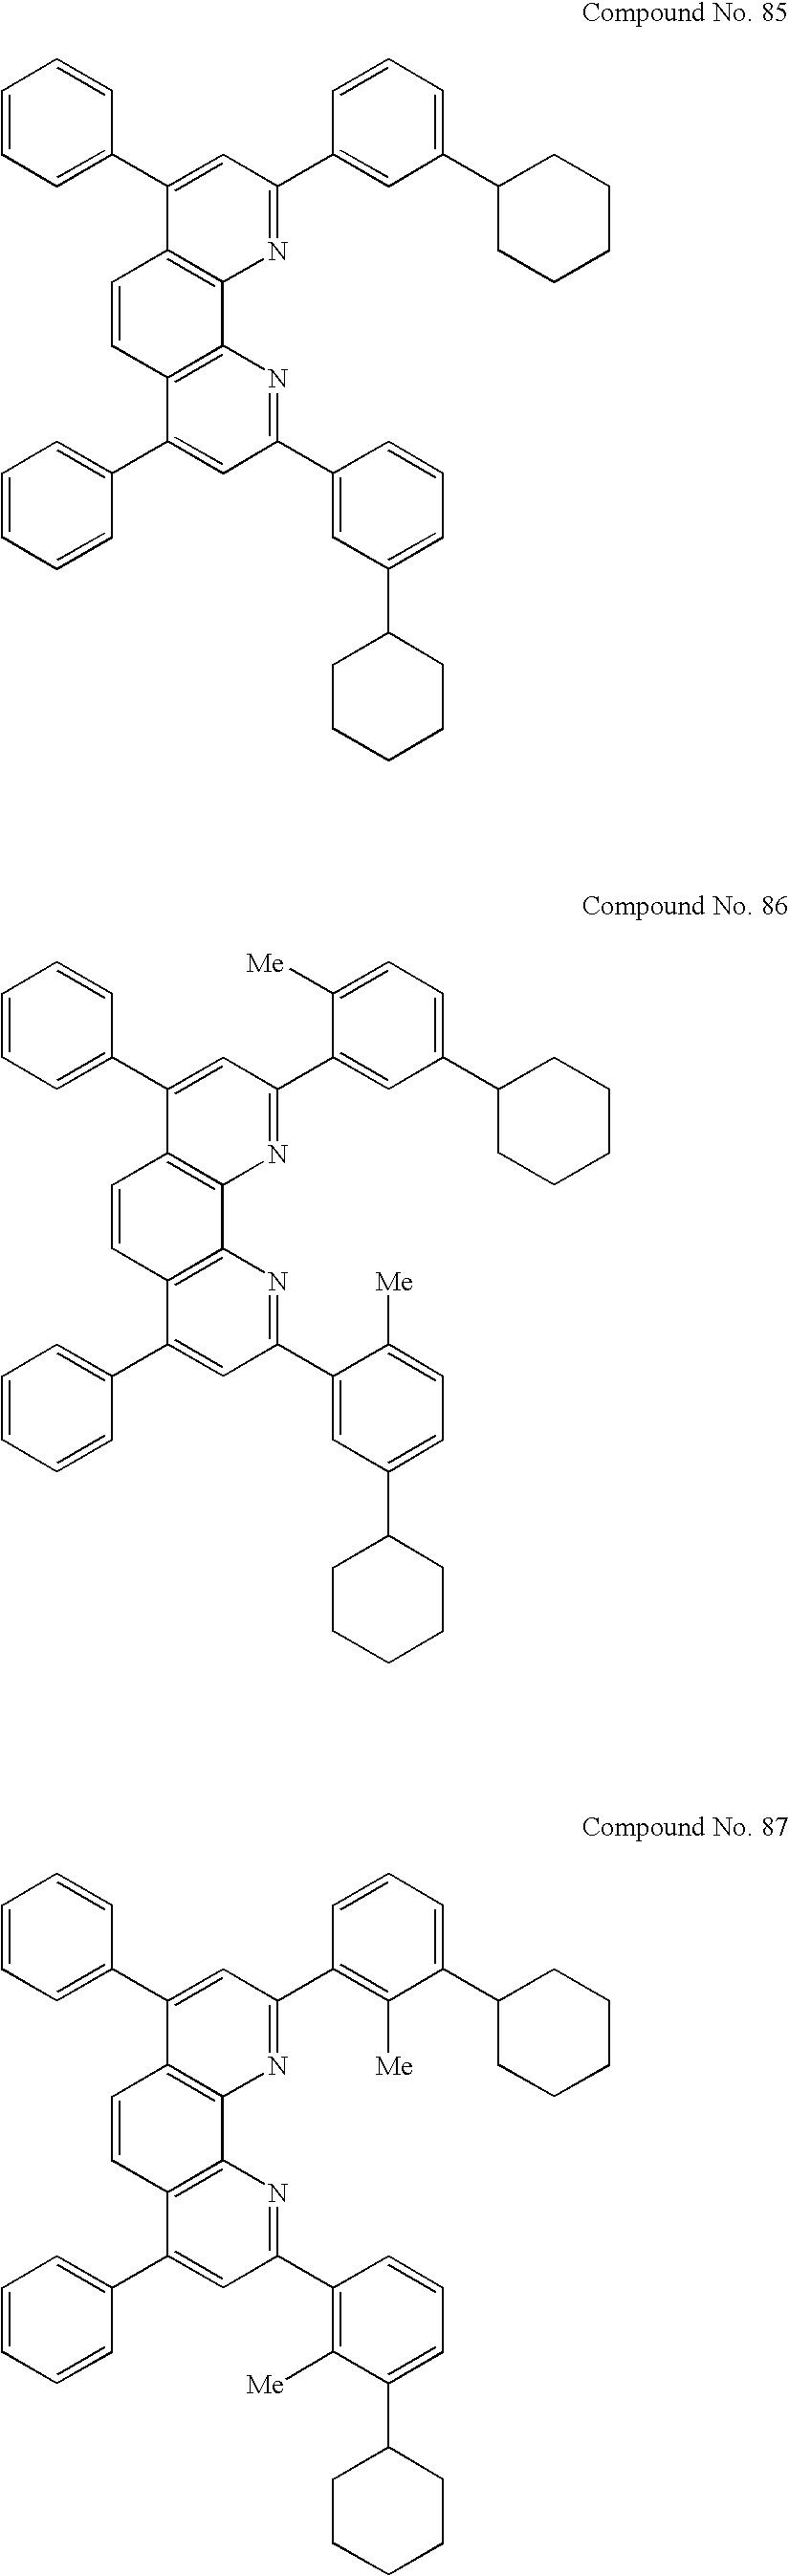 Figure US20050073641A1-20050407-C00027